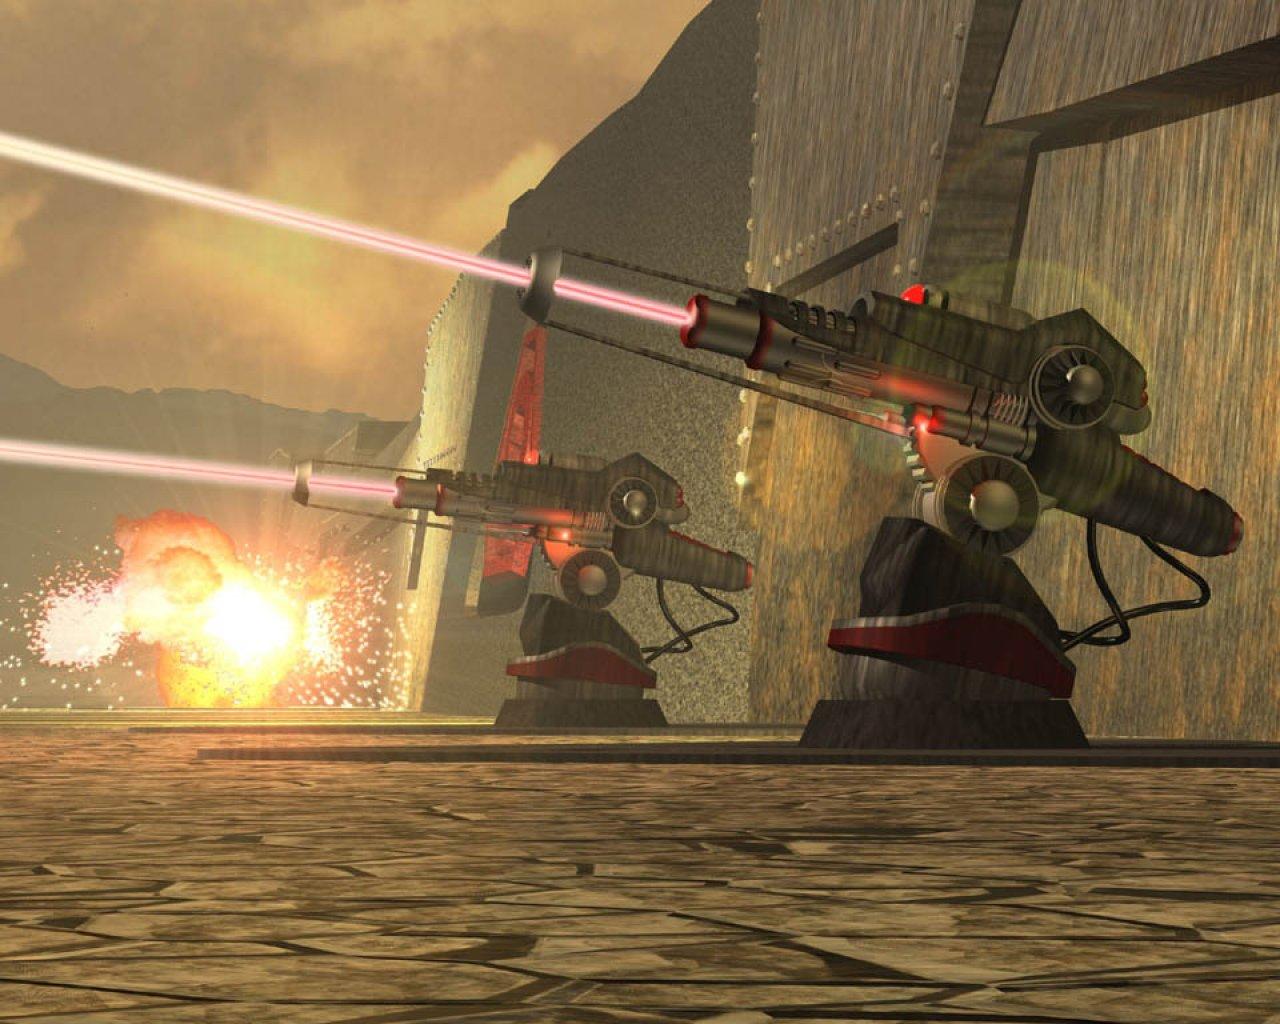 Laser gun game online